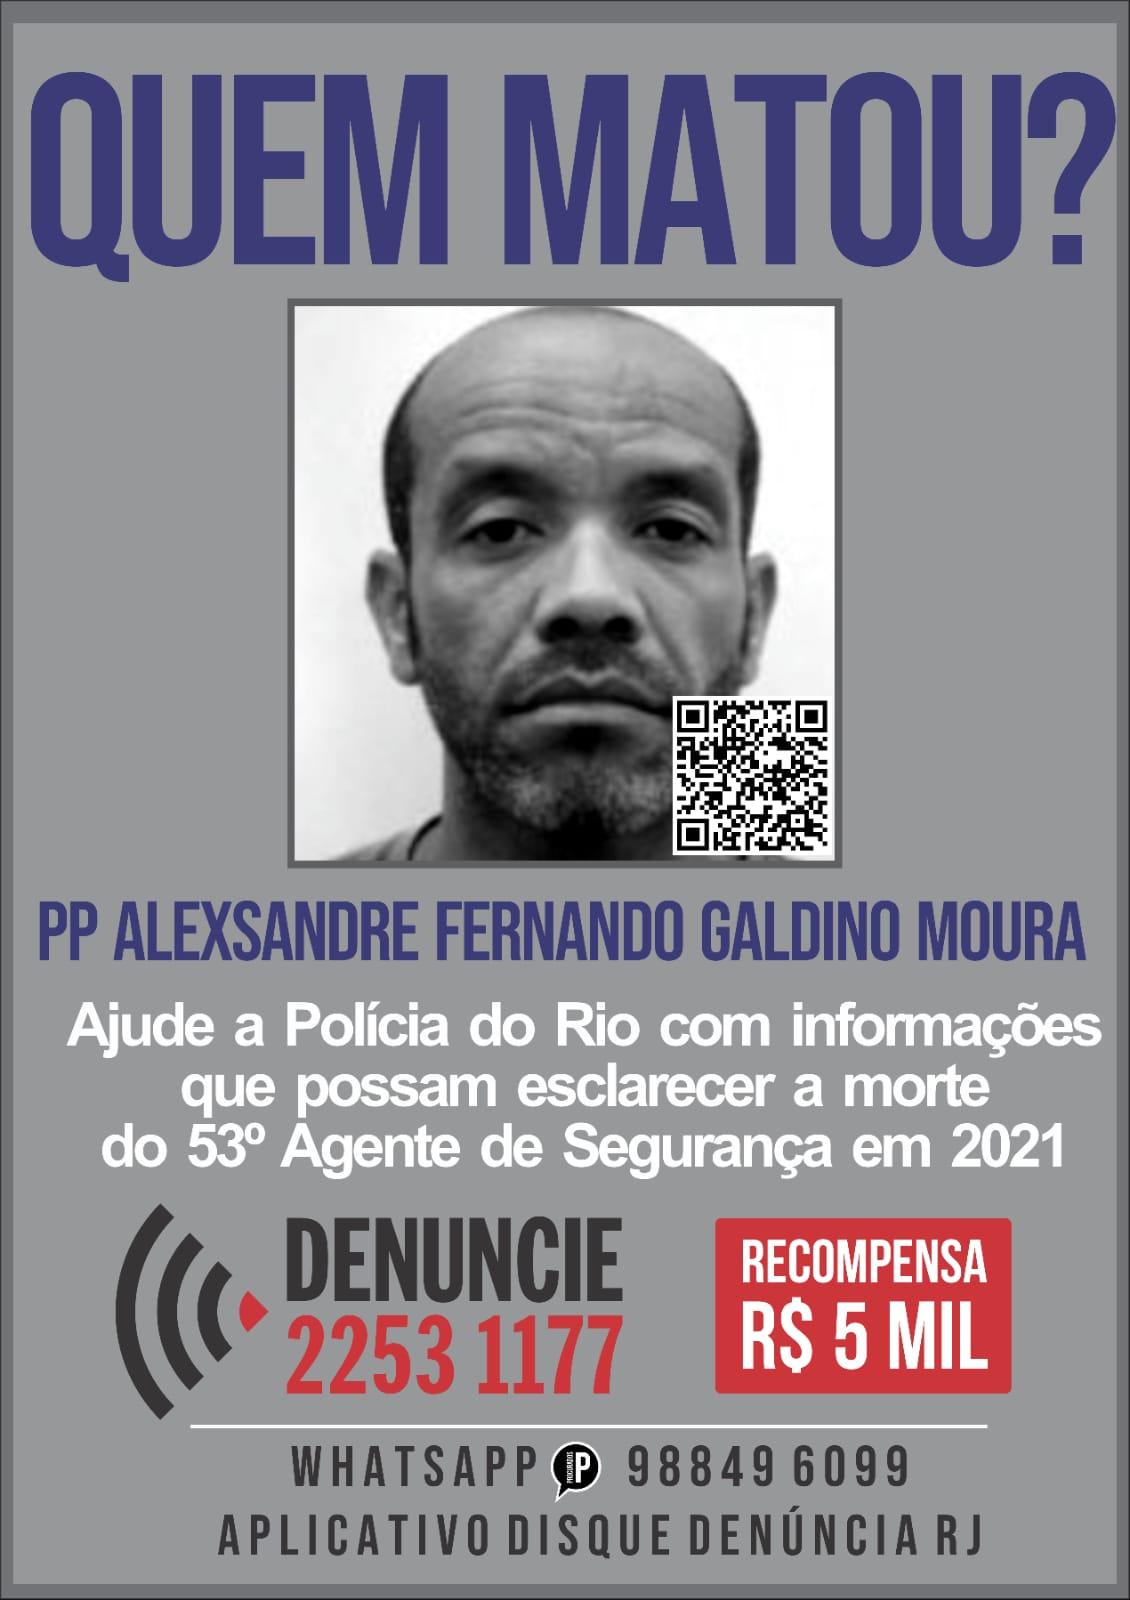 Portal dos Procurados divulga cartaz sobre morte de policial penal